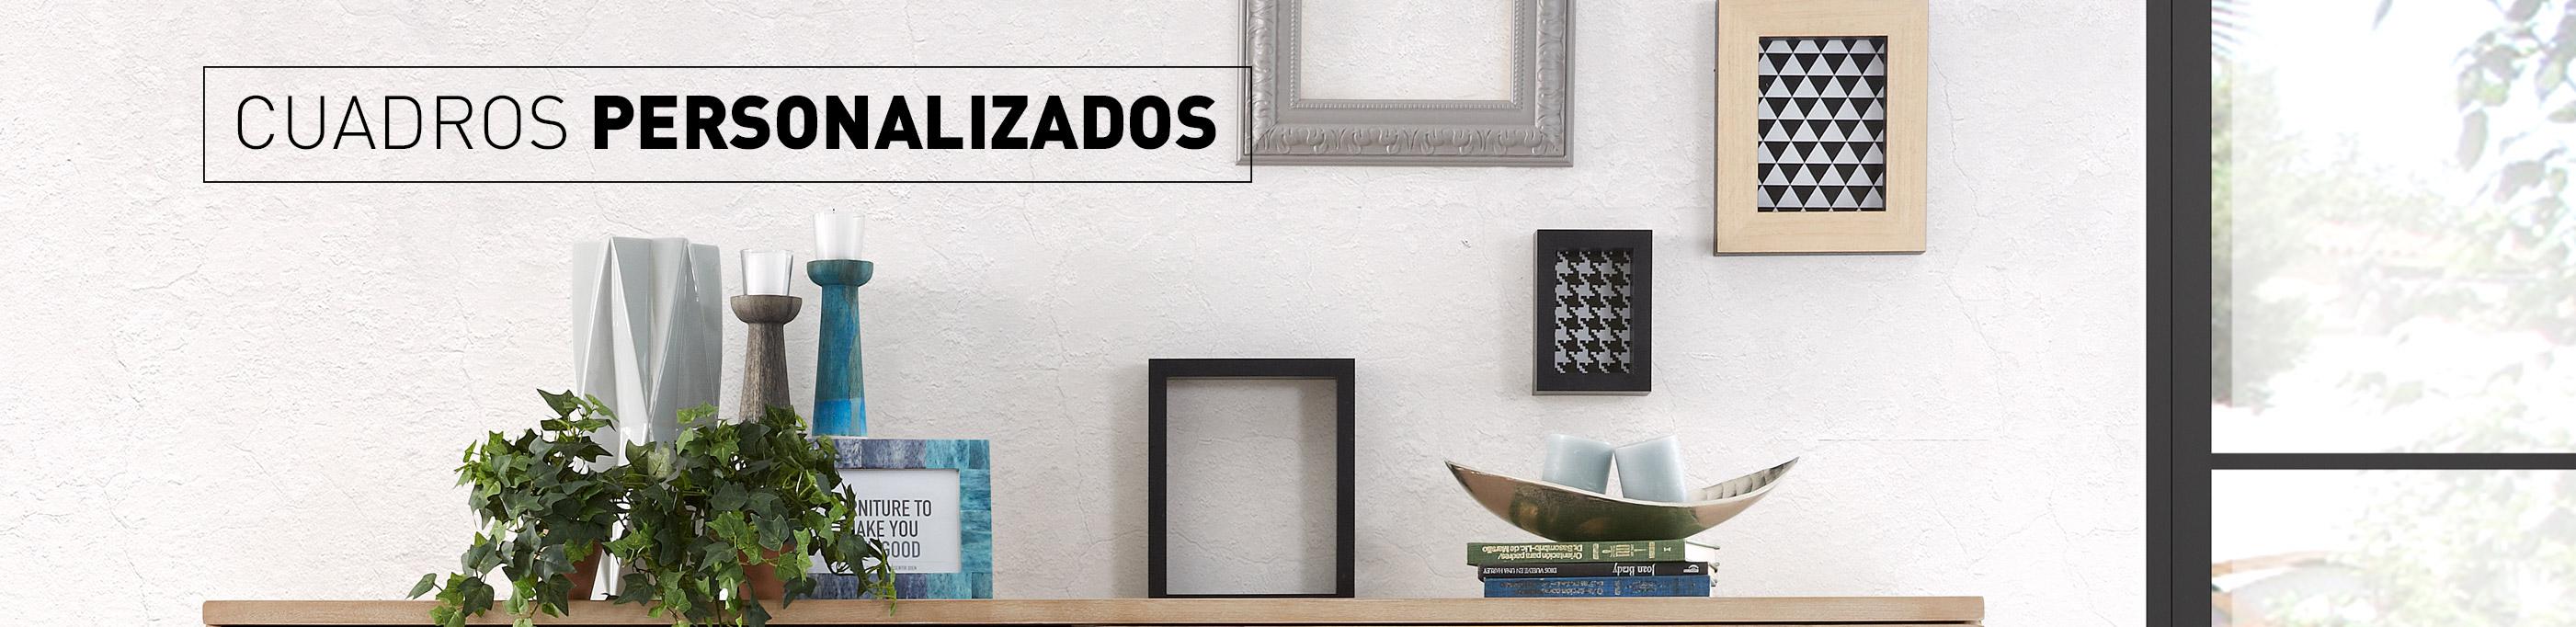 Cuadros-personalizados-ES